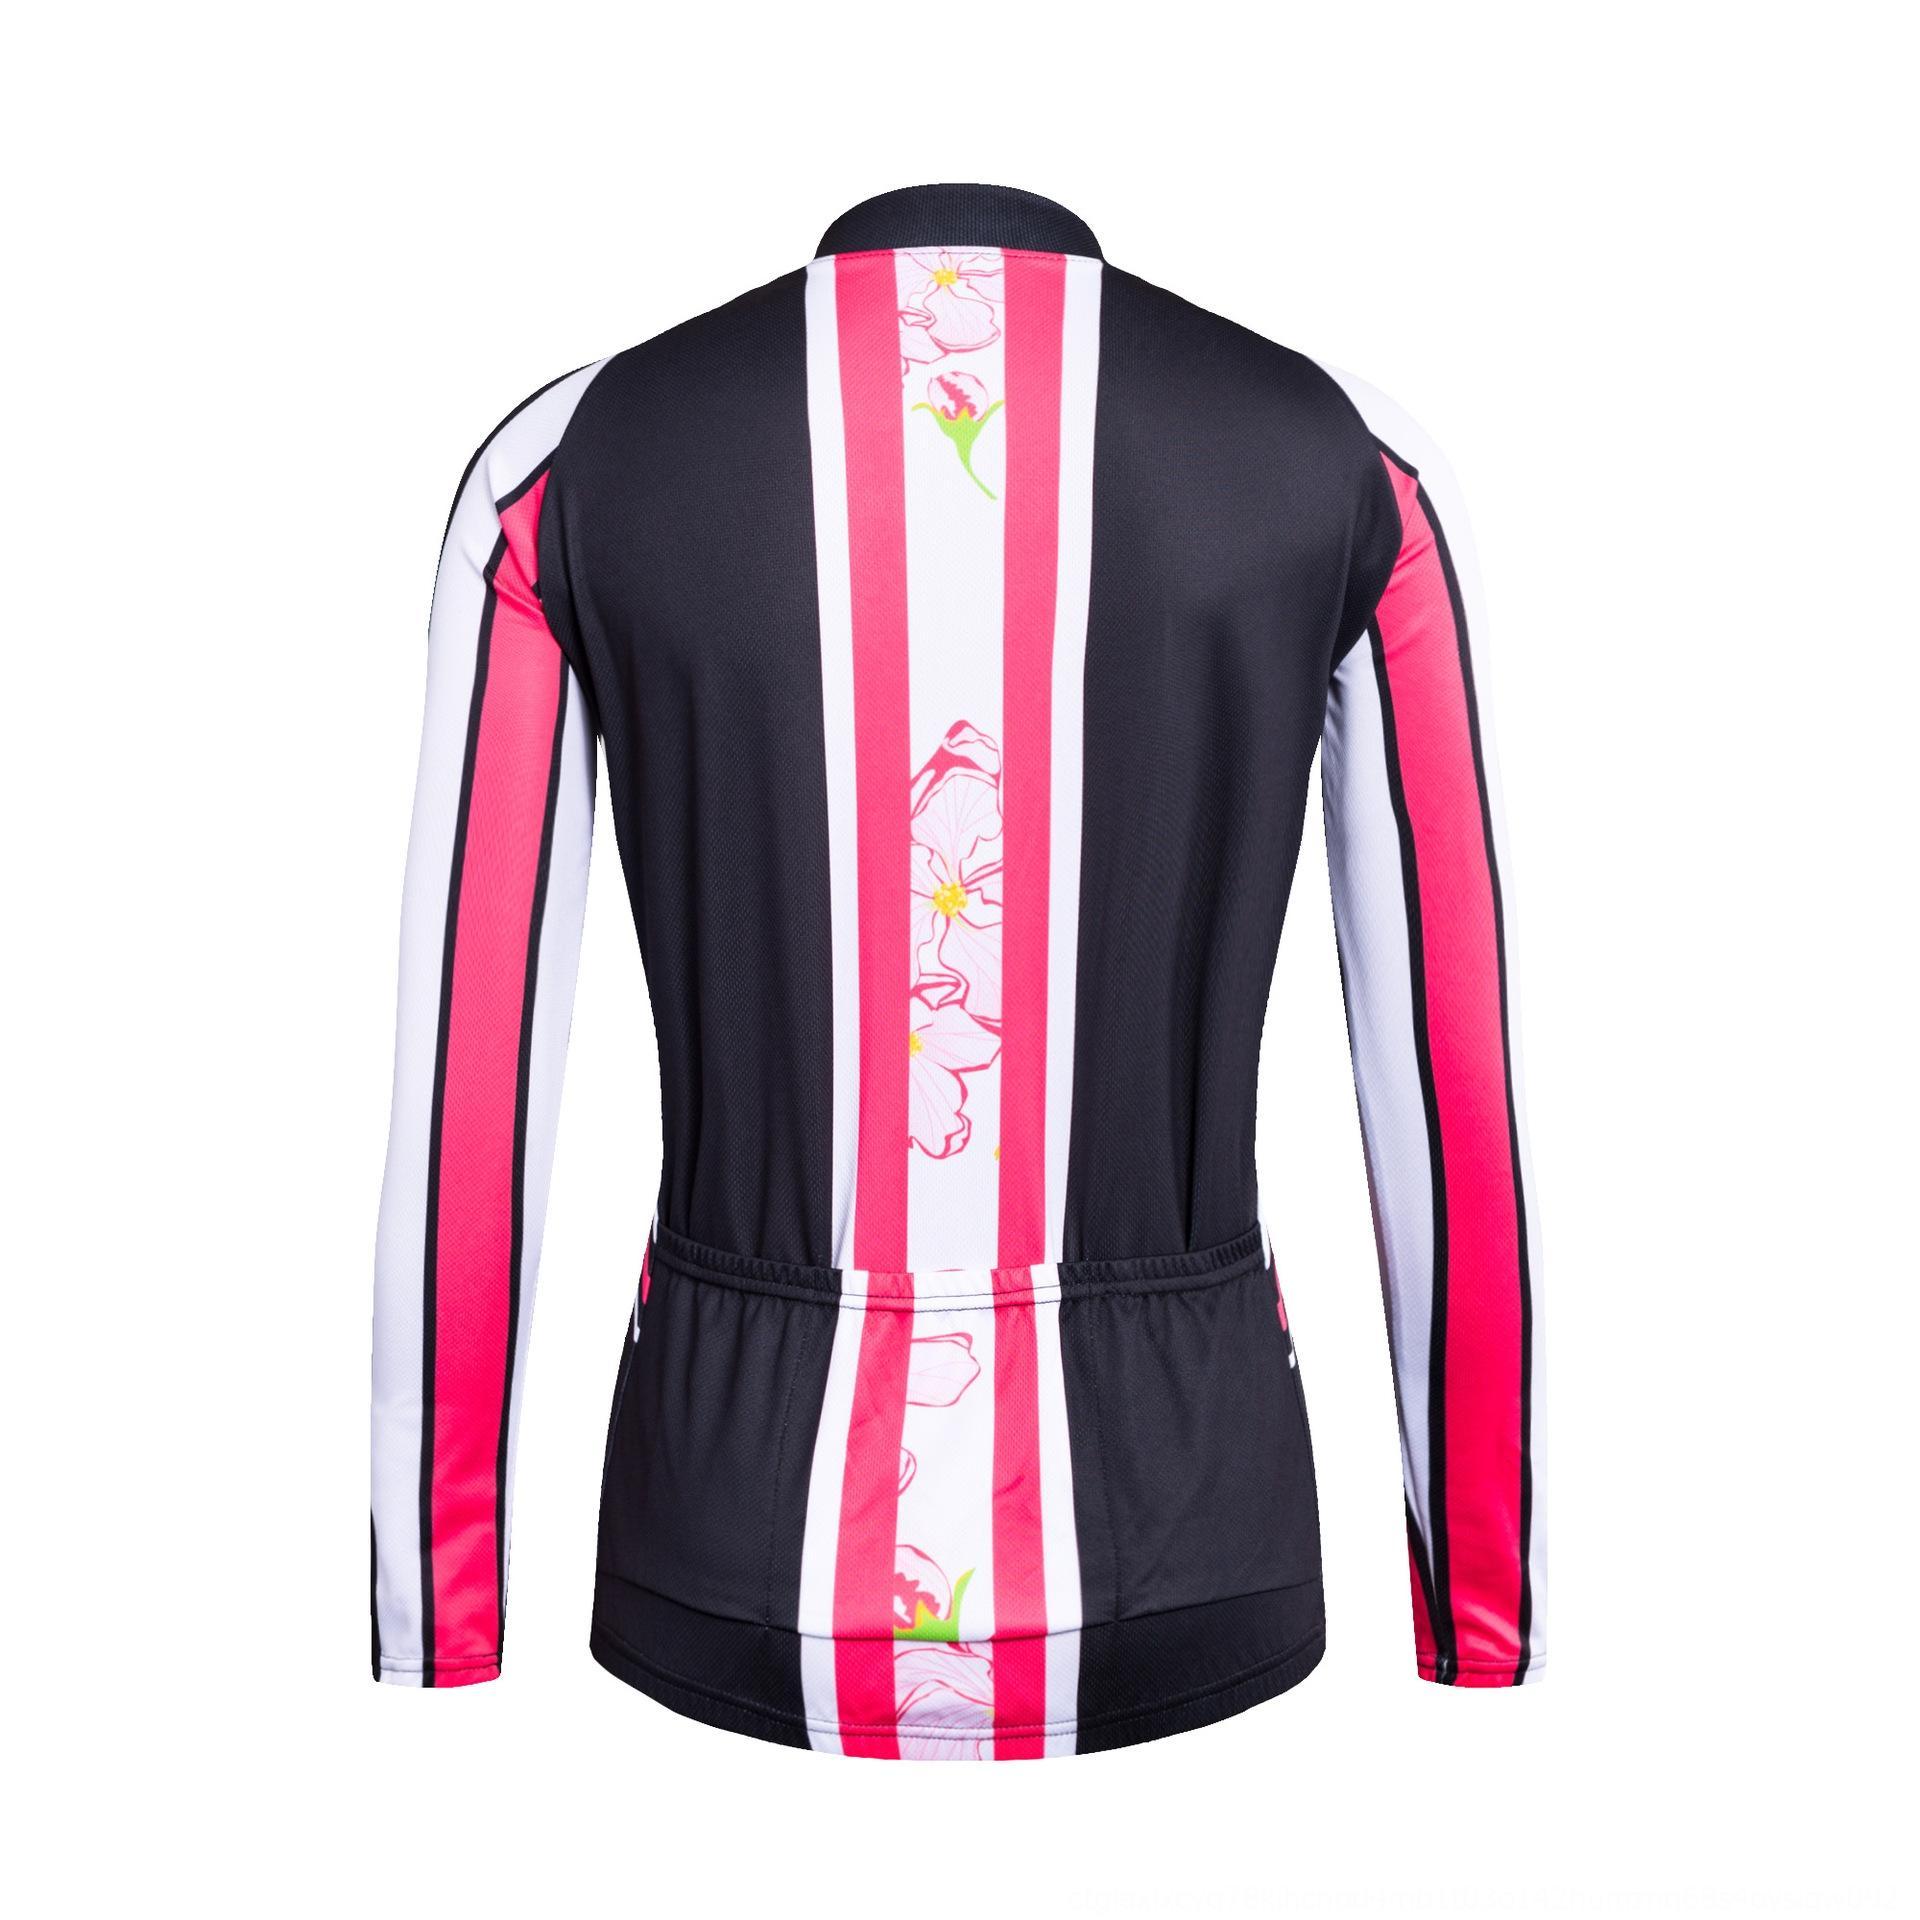 das mulheres terno de mangas compridas bicicleta esportes camisa bicicleta Primavera Outono absorção de umidade jerseys Ciclismo Ciclismo calças cMKZ5